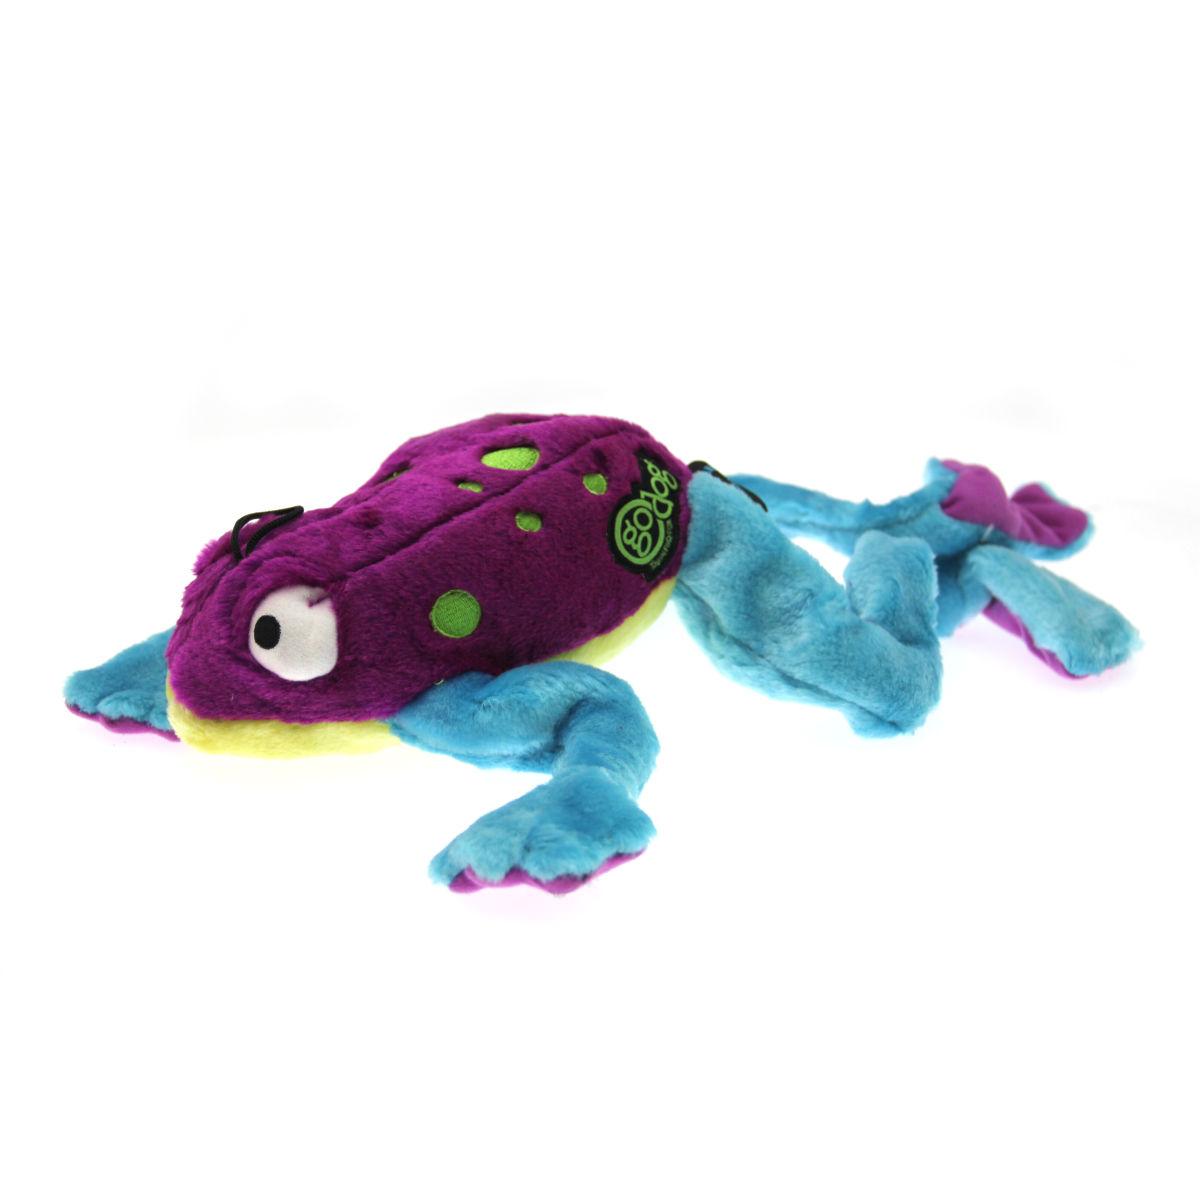 GoDog Amphibianz Tree Frog Dog Toy - Purple